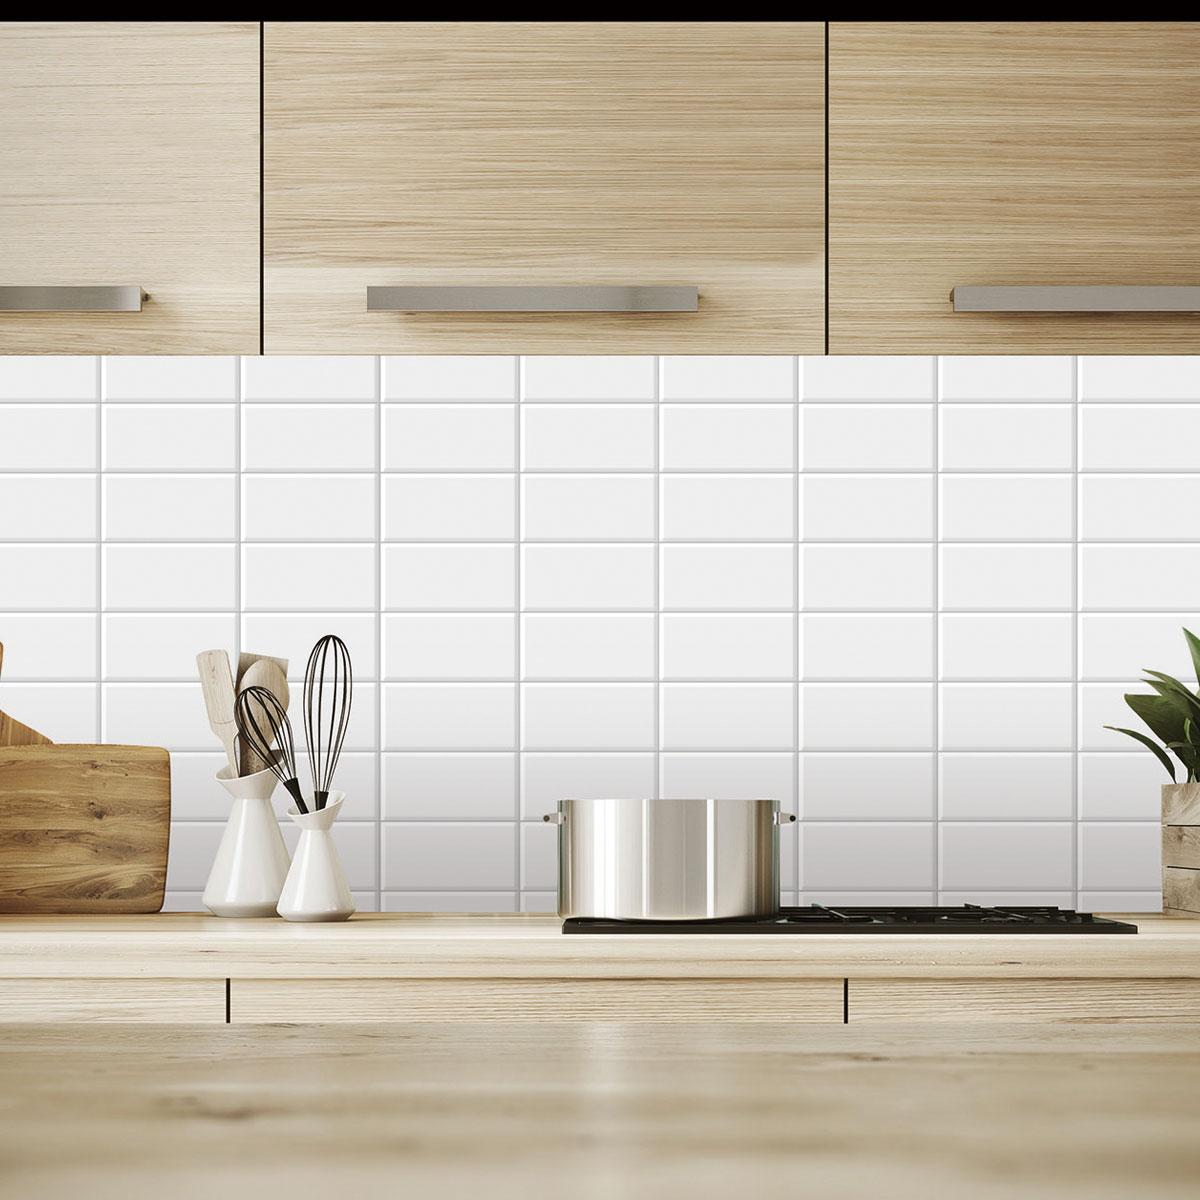 10 Sheets Peel And Stick Tile Backsplash For Kitchen In